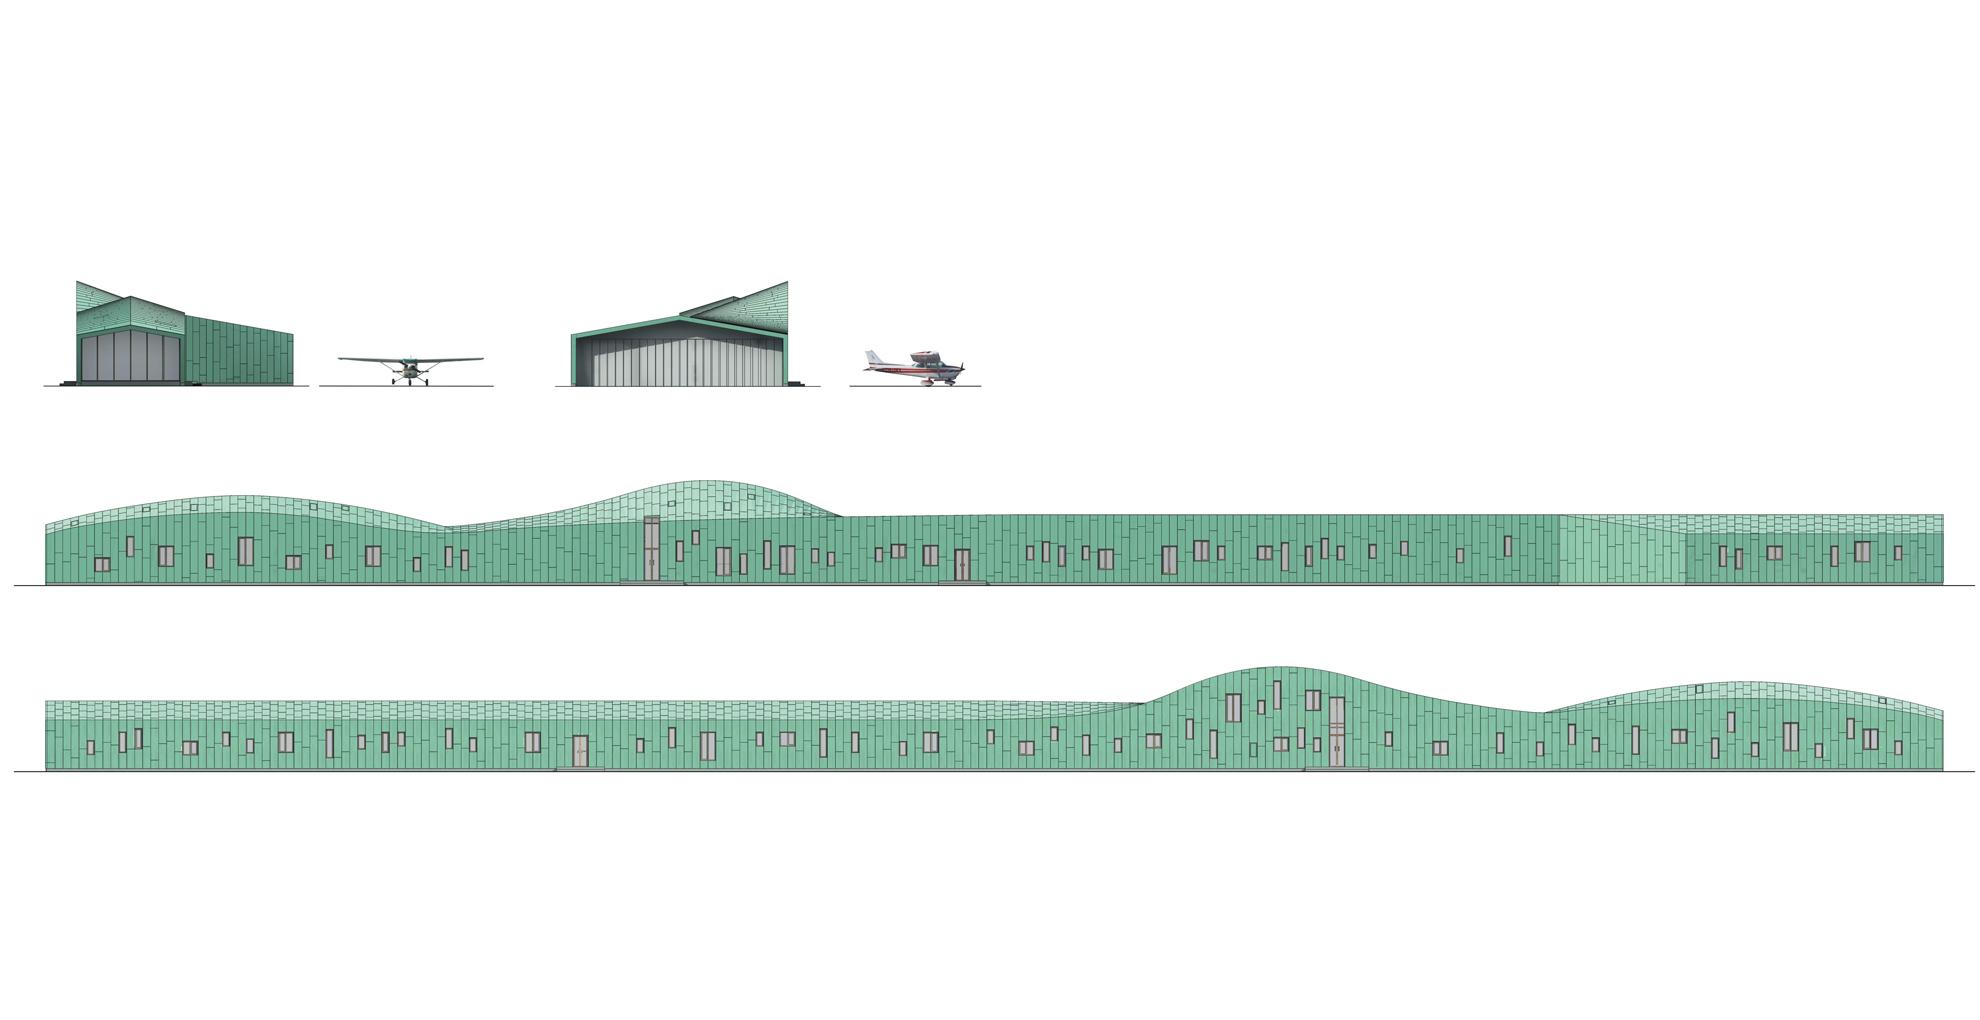 Letiště pro malá sportovní letadla